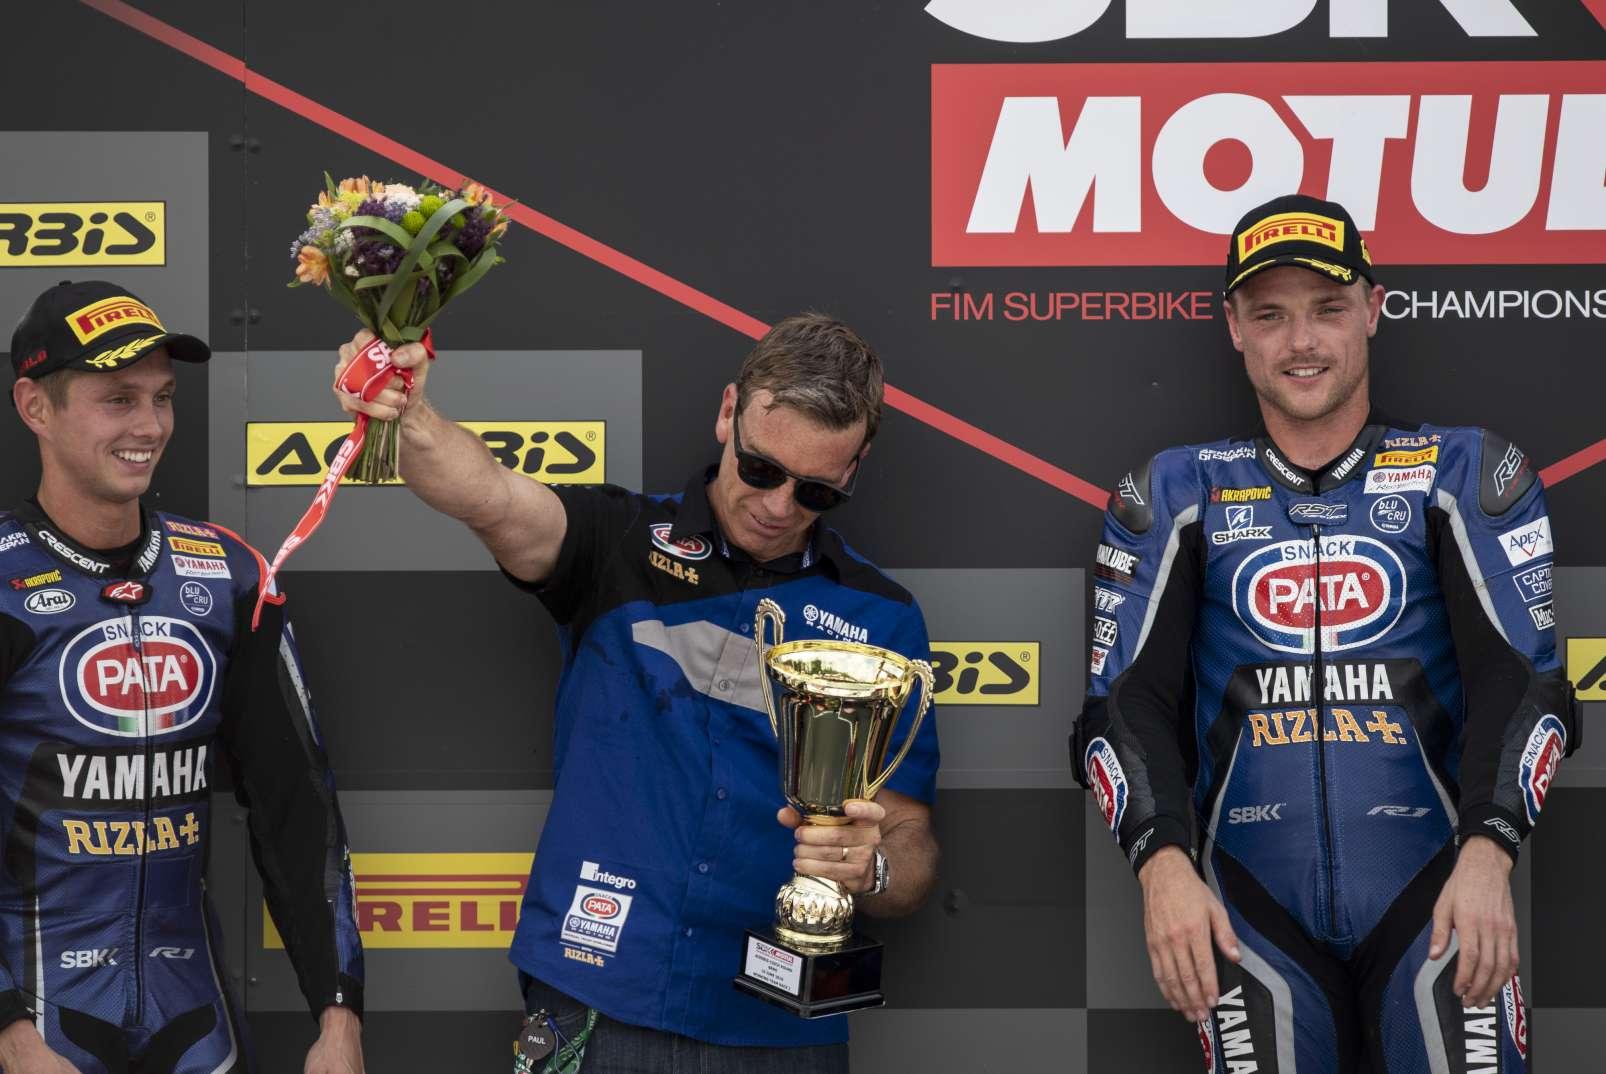 Brno WorldSBK Alex Lowes Michael van der Mark Paul Denning